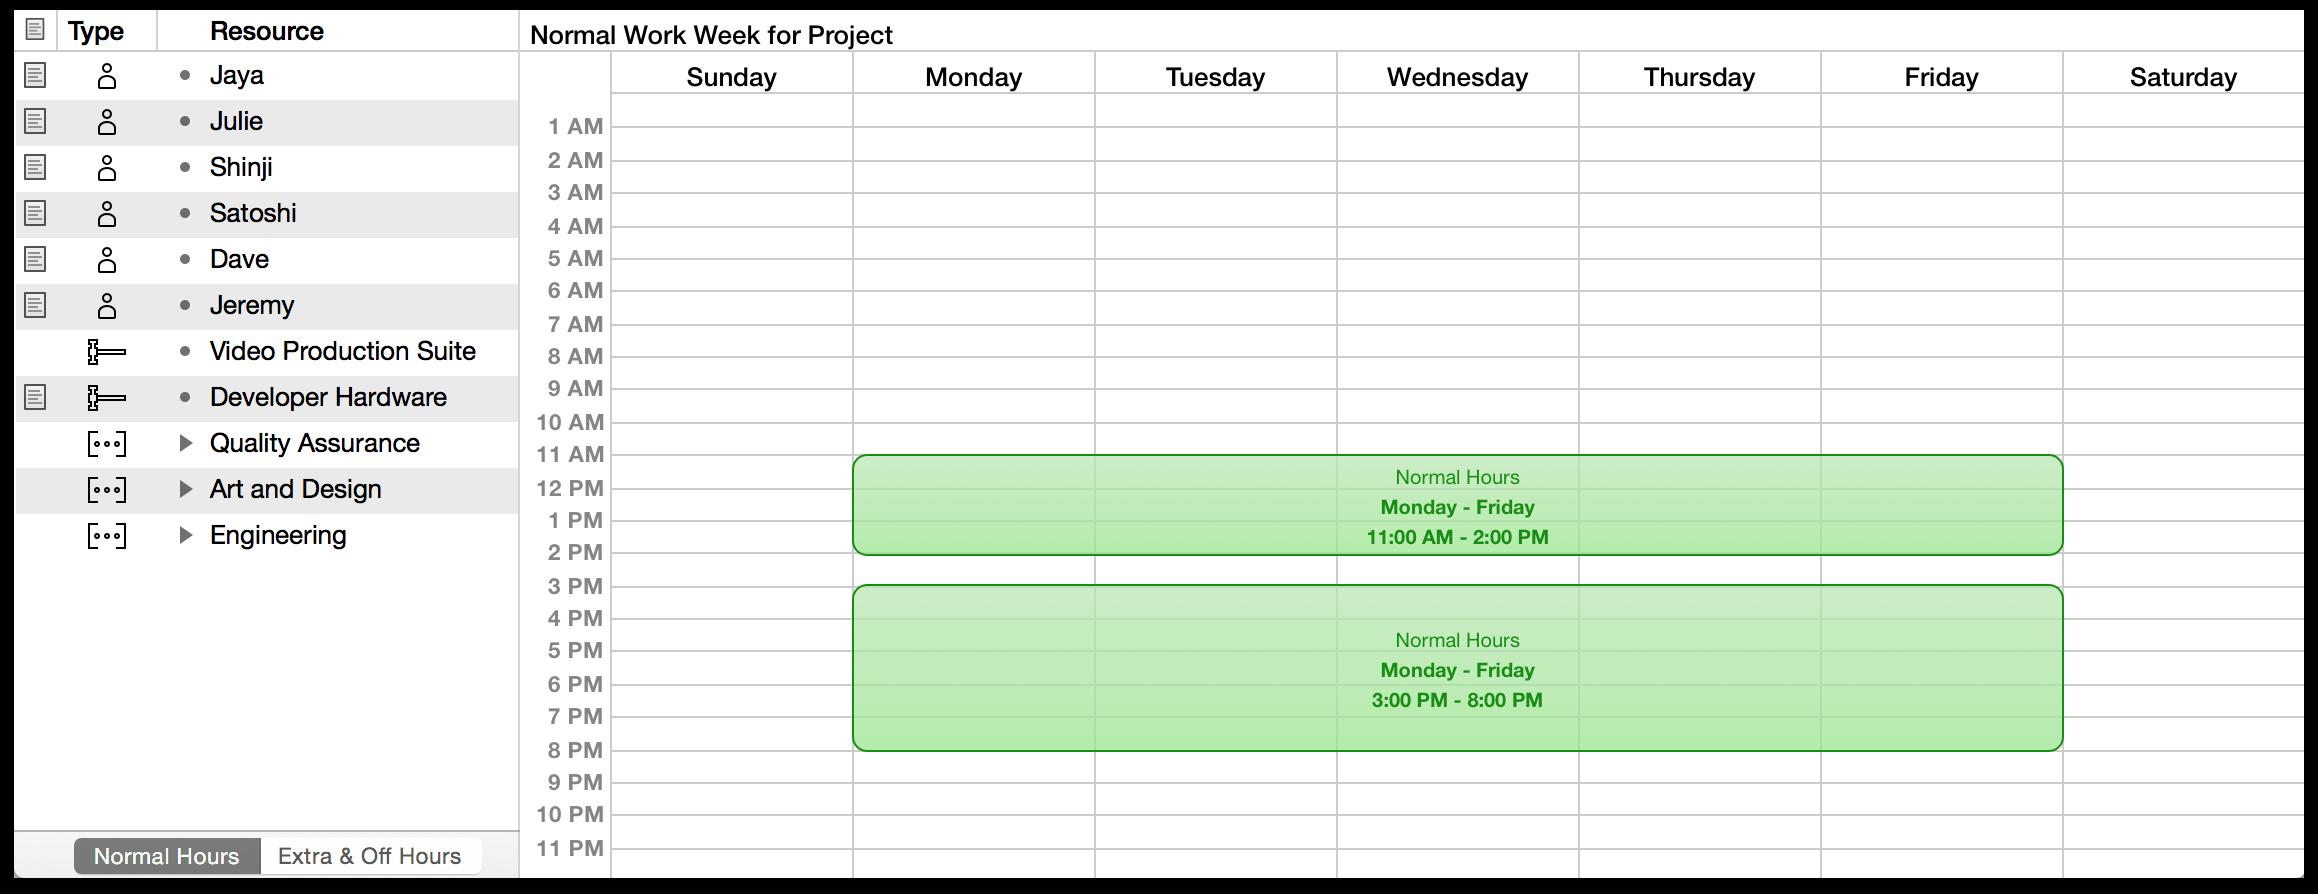 monday friday week calendar